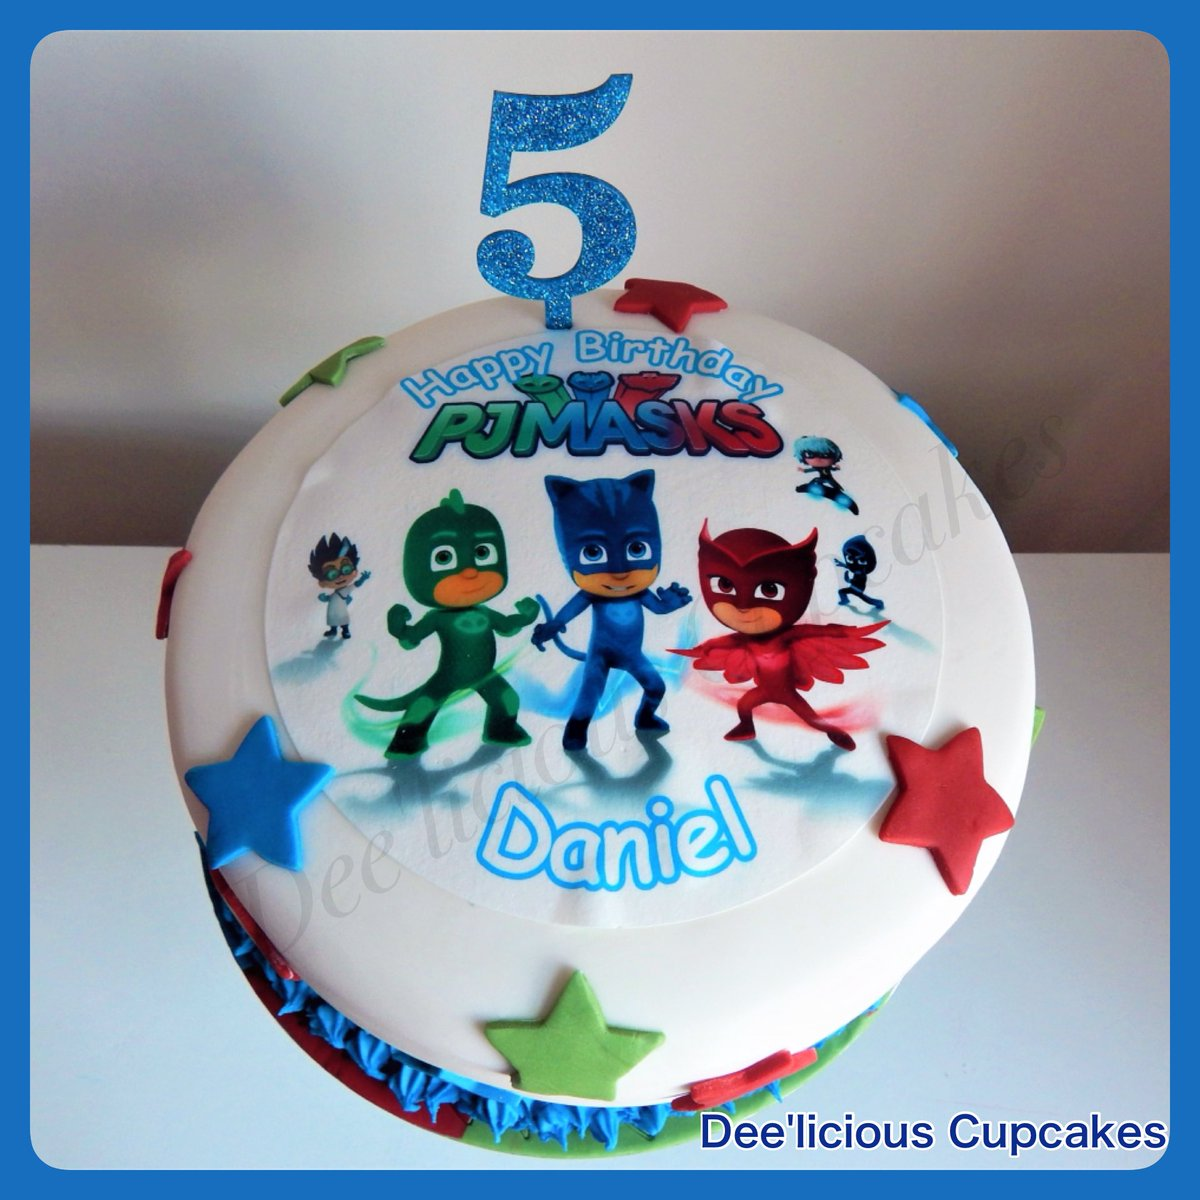 PJ Mask Birthday Cake Moist Vanilla Sponge Strawberry Jam And Buttercream HBD Pjmask Deeliciouscupcakes Pictwitter ZV915LxSyb